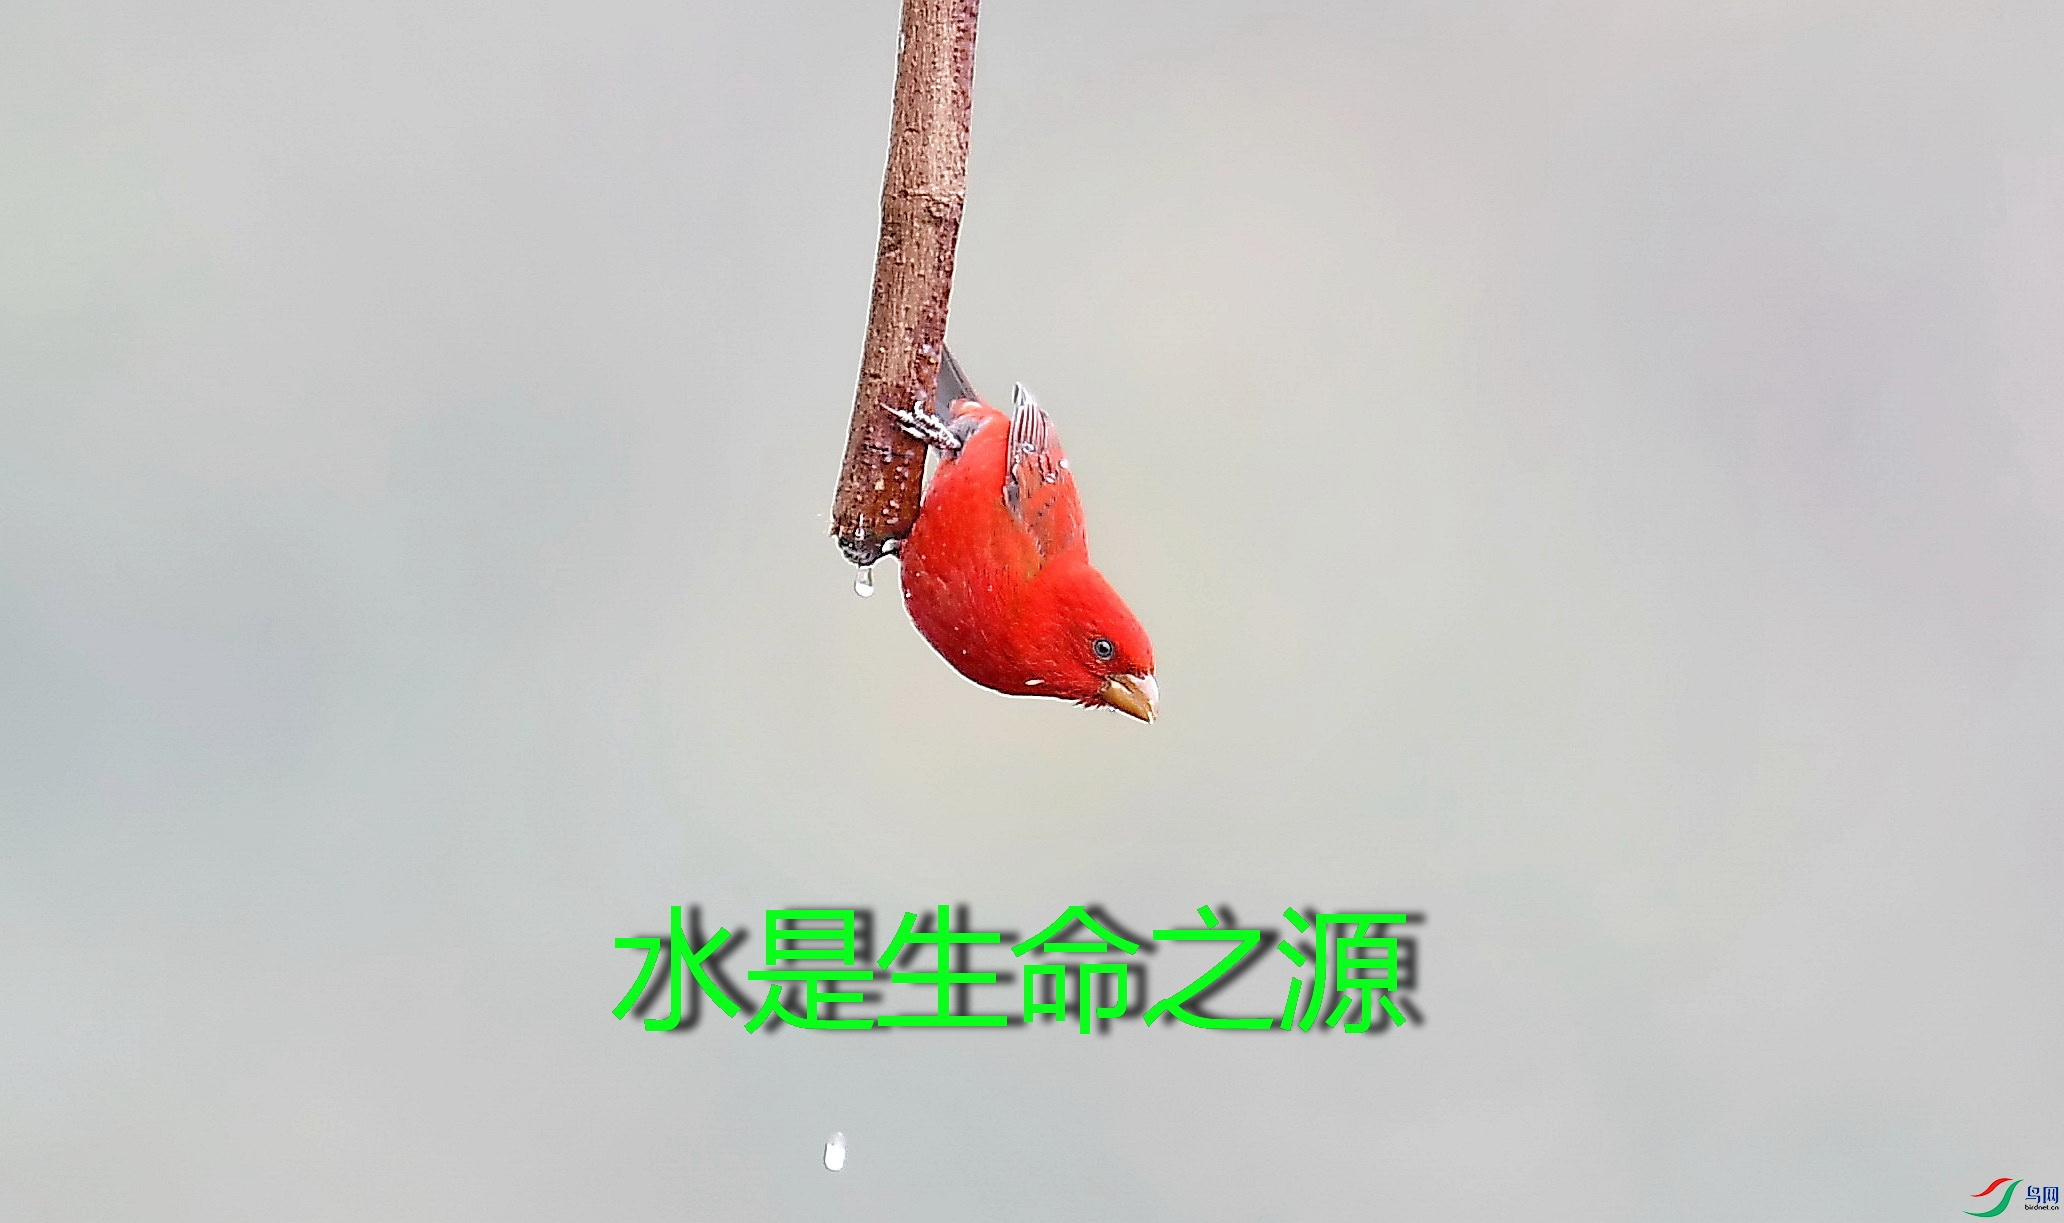 DSC_7643_副本.jpg